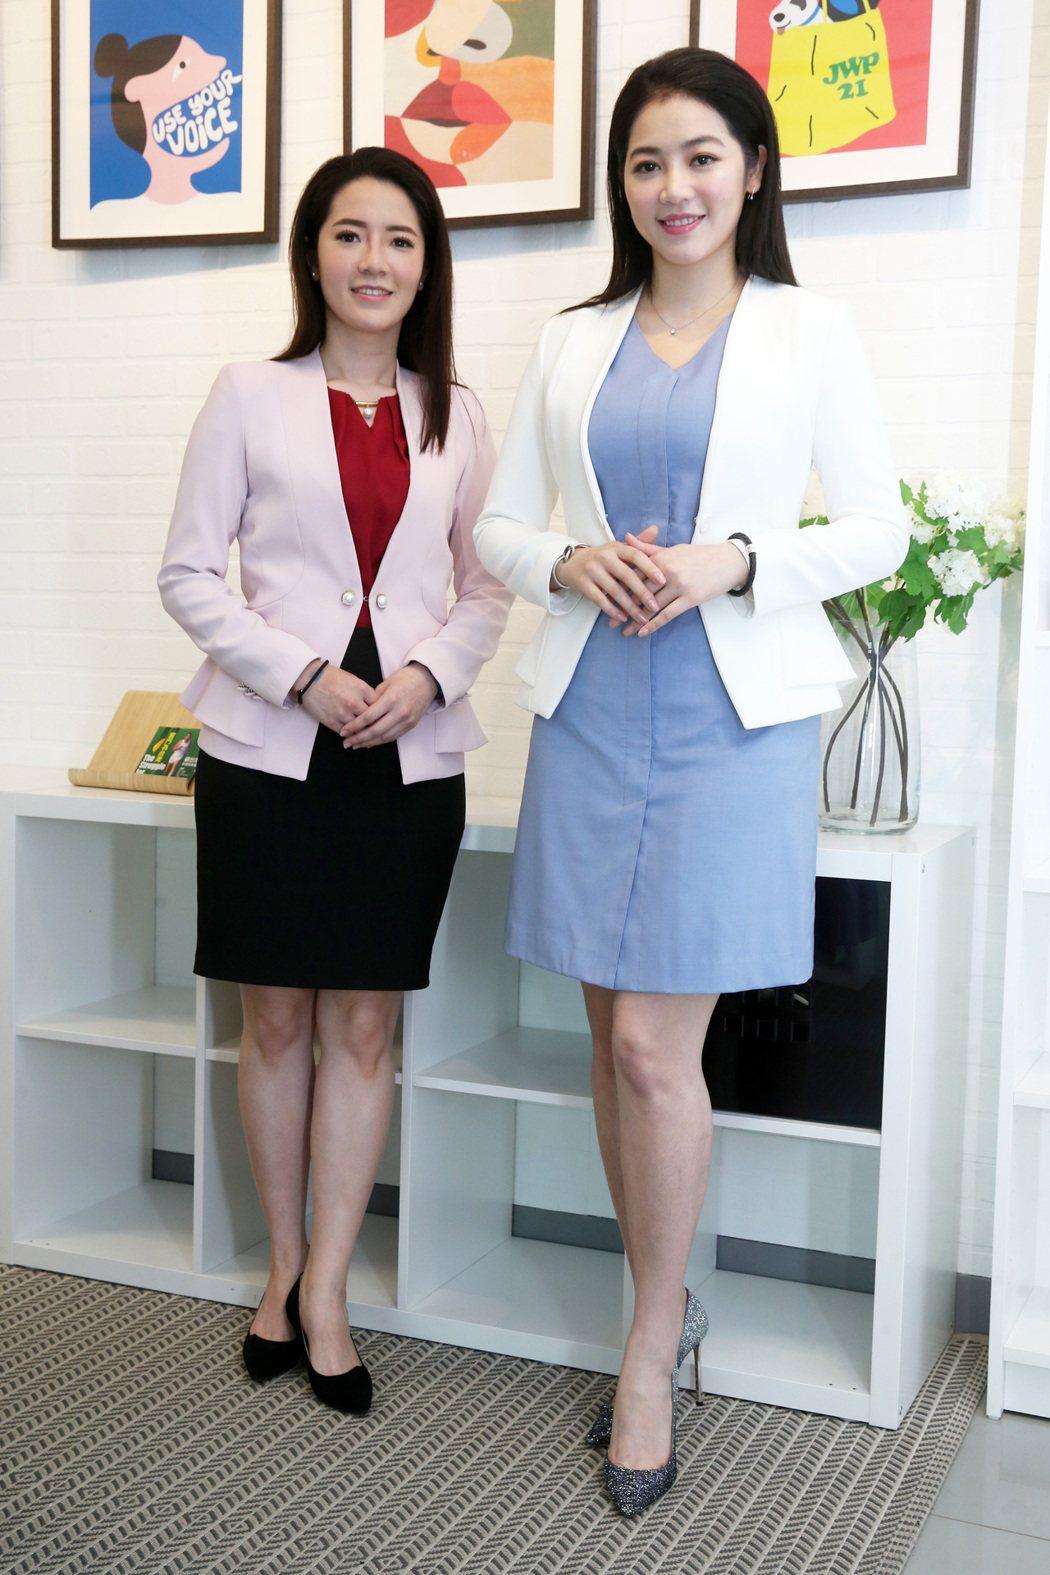 民視主播劉方慈(右)和李昱禎被認為有姊妹臉。記者胡經周/攝影